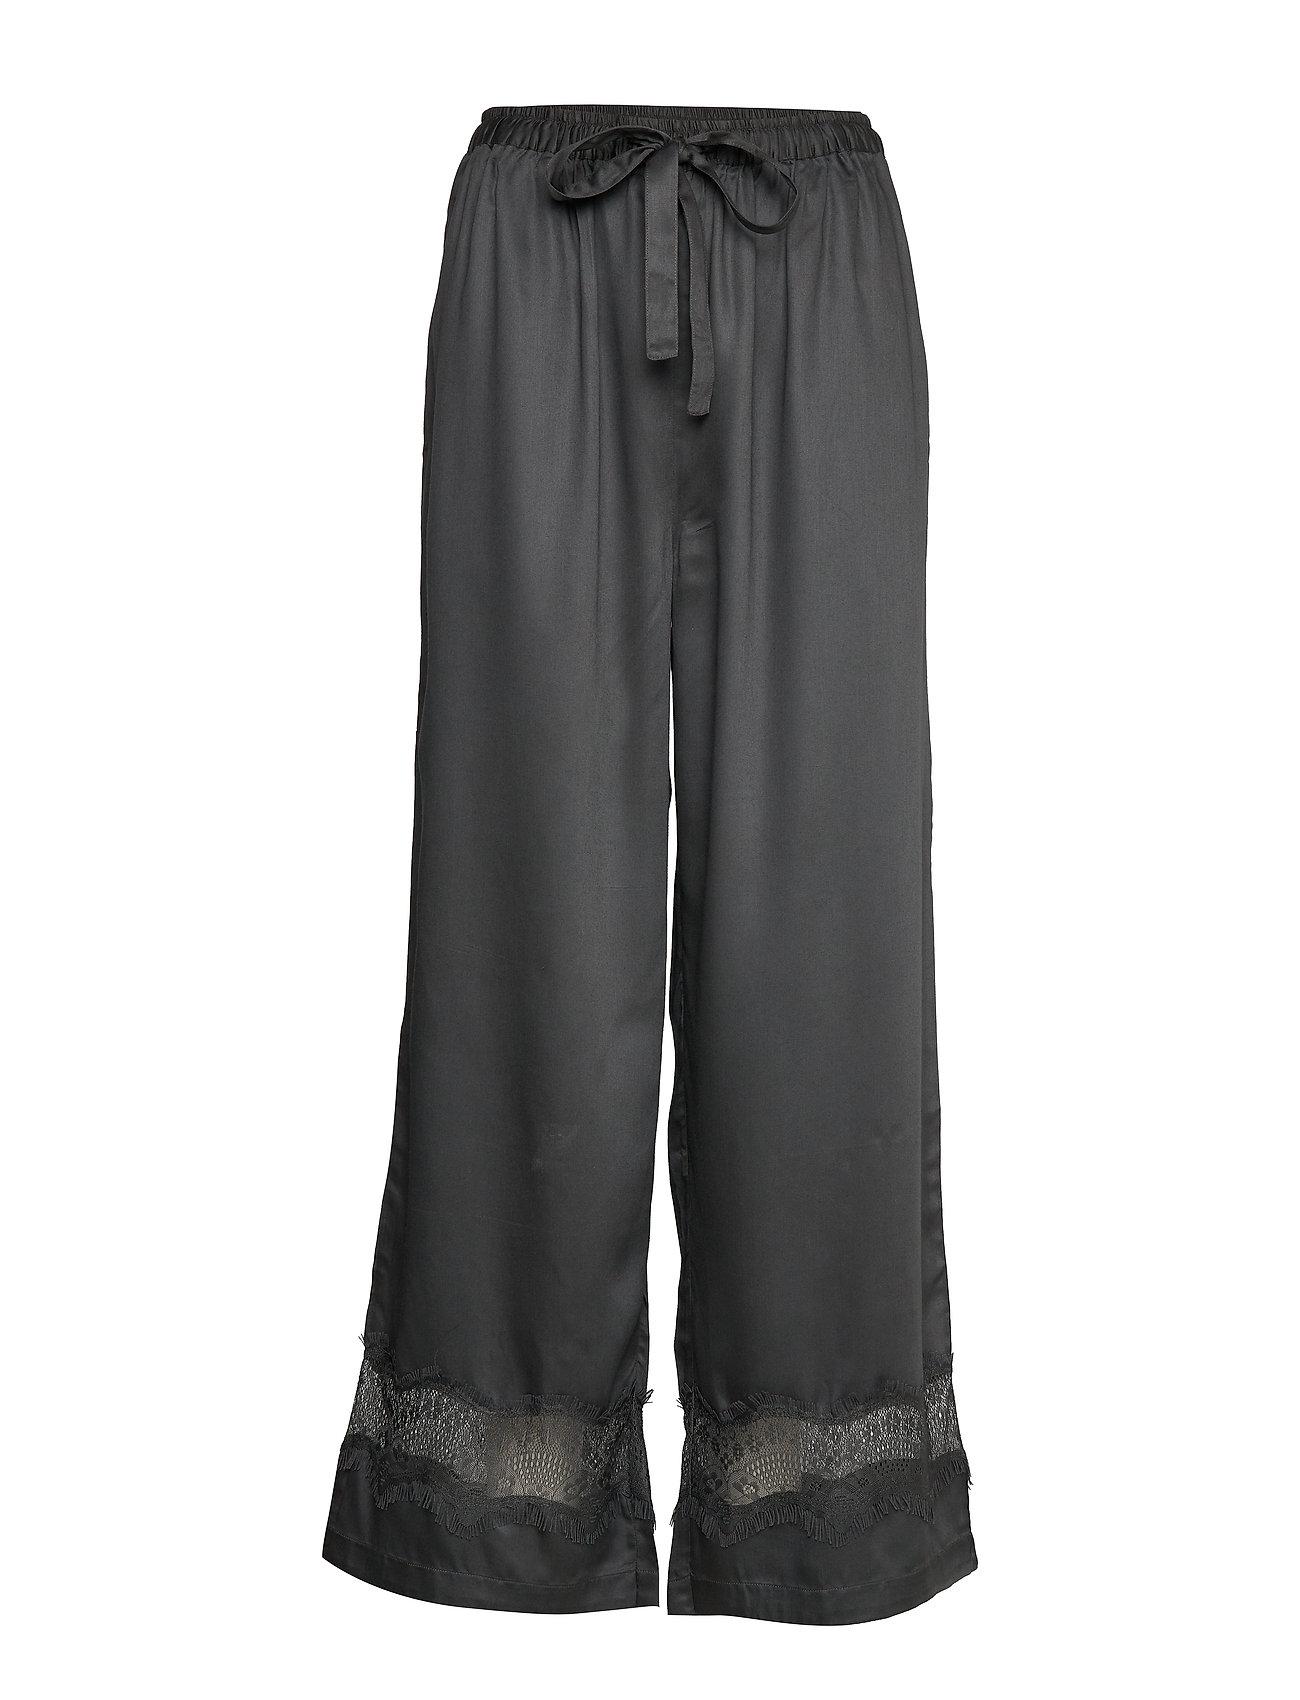 Underprotection lulu pants - GREY